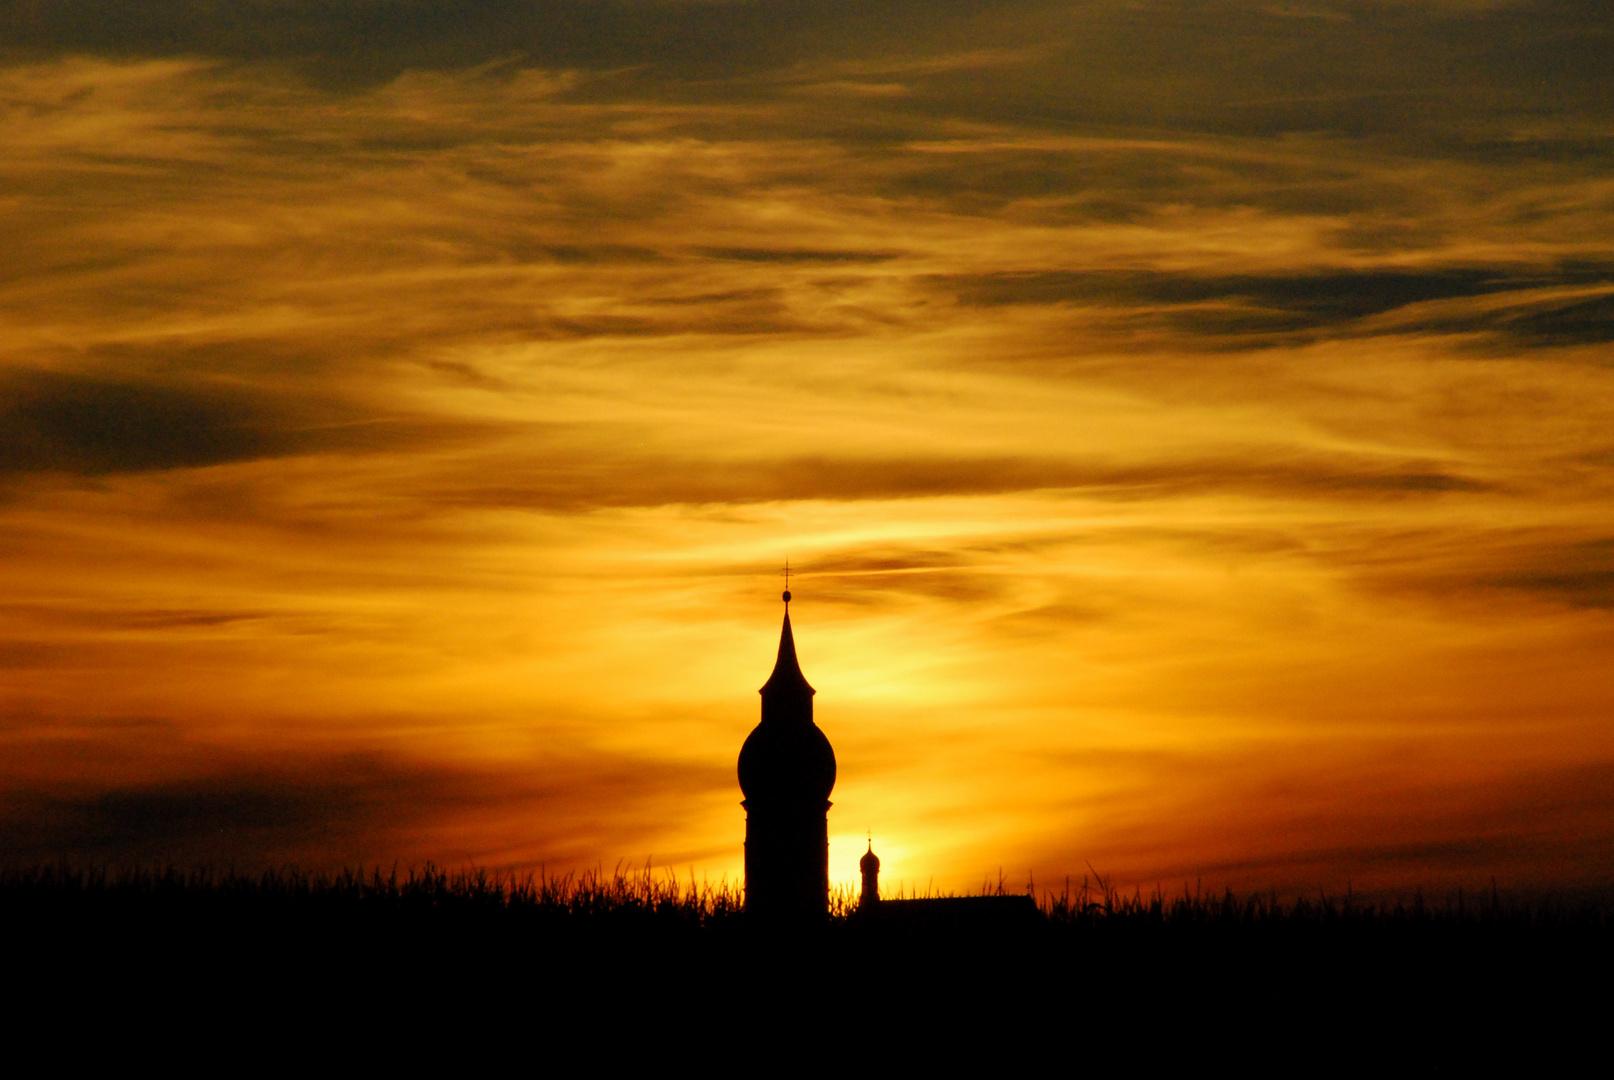 Sonnenuntergang mit Kloster Andechs, Bayern 31